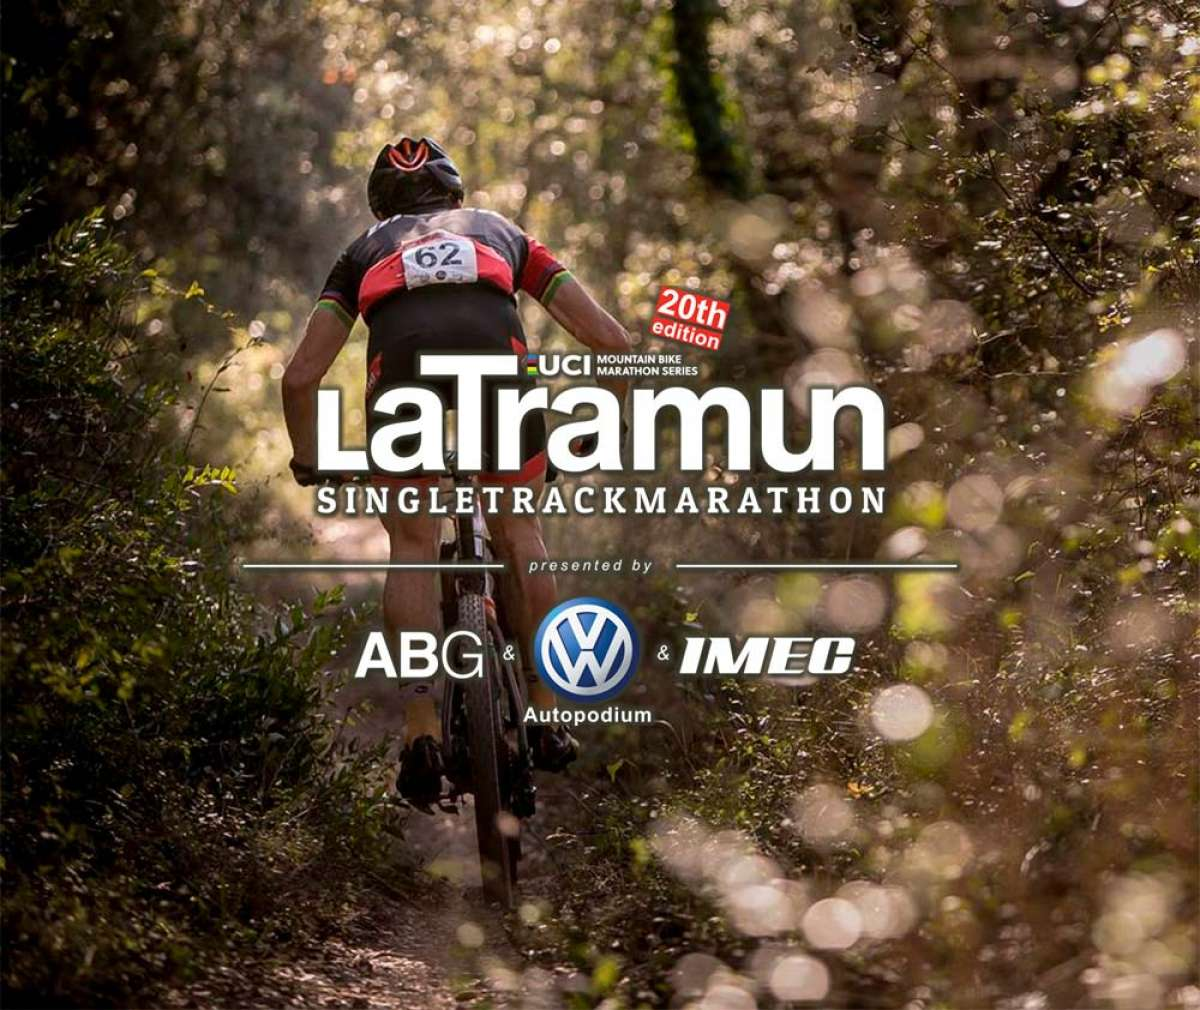 En TodoMountainBike: LaTramun 2018 desvela las novedades de su recorrido: más kilómetros, más senderos y más desnivel